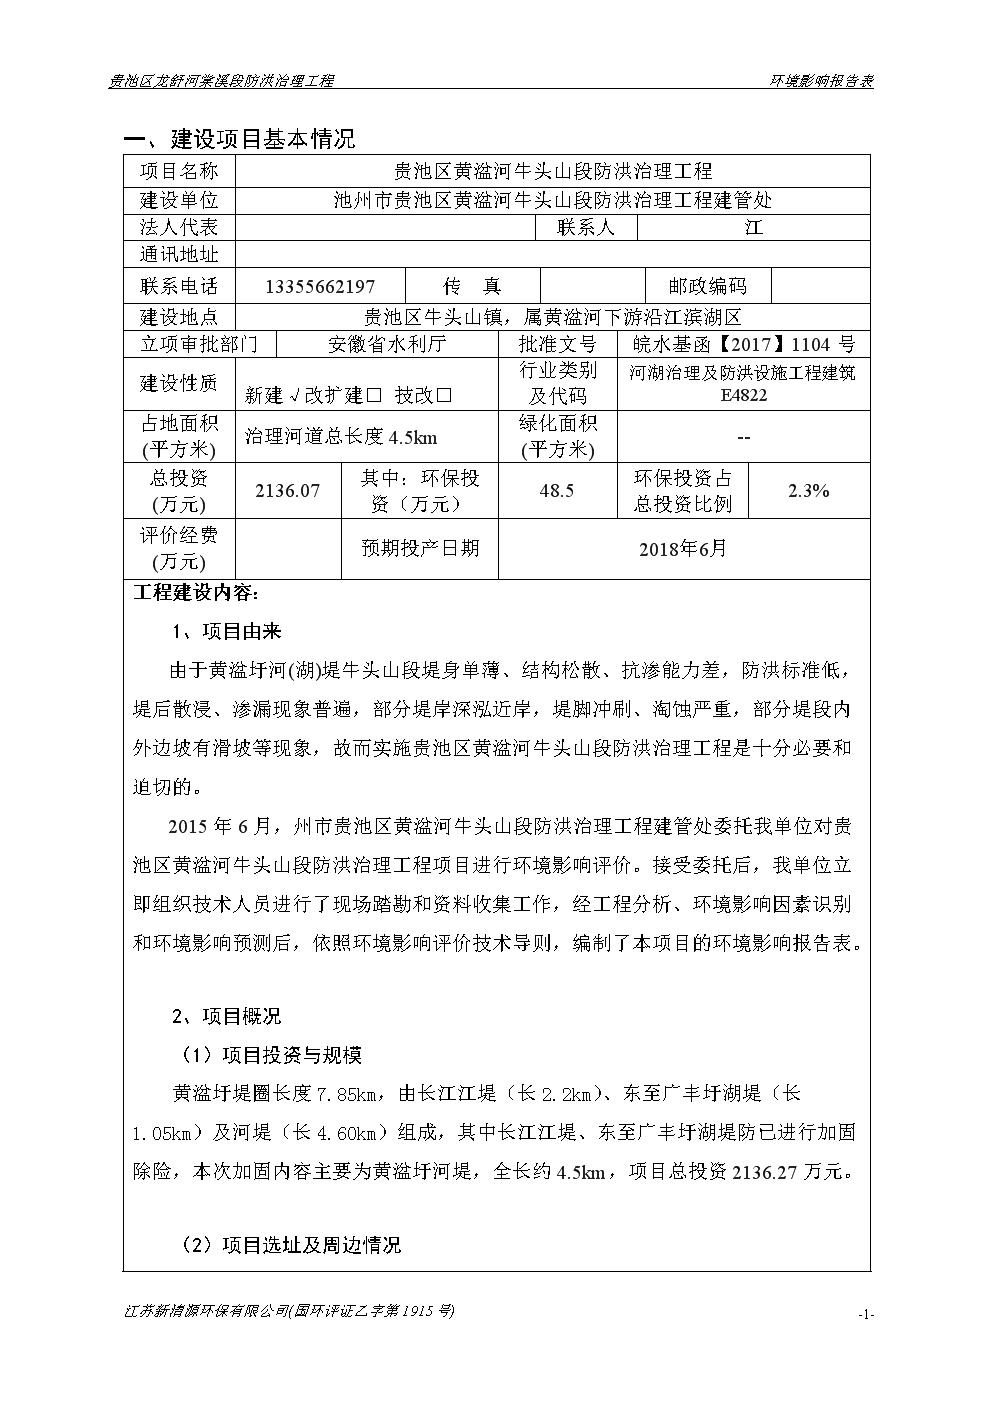 黄湓河牛头山段防洪治理工程环境影响报告.doc